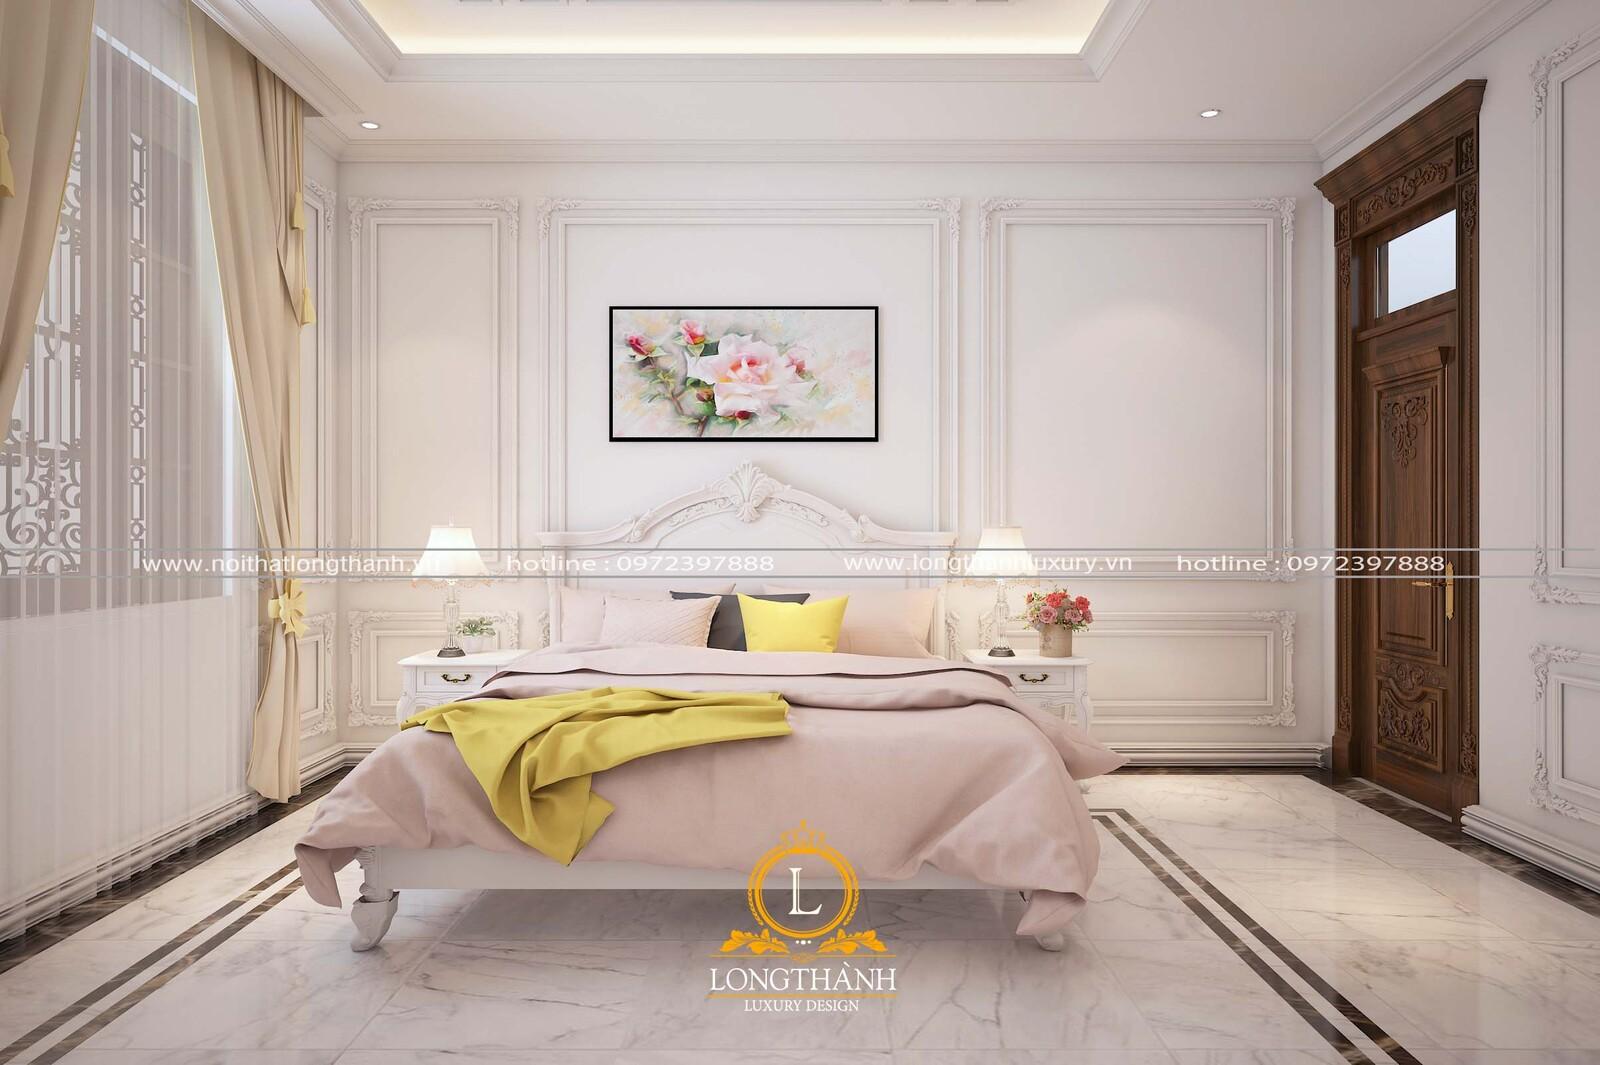 Mẫu phòng ngủ tân cổ điển với gam màu trắng tinh khôi